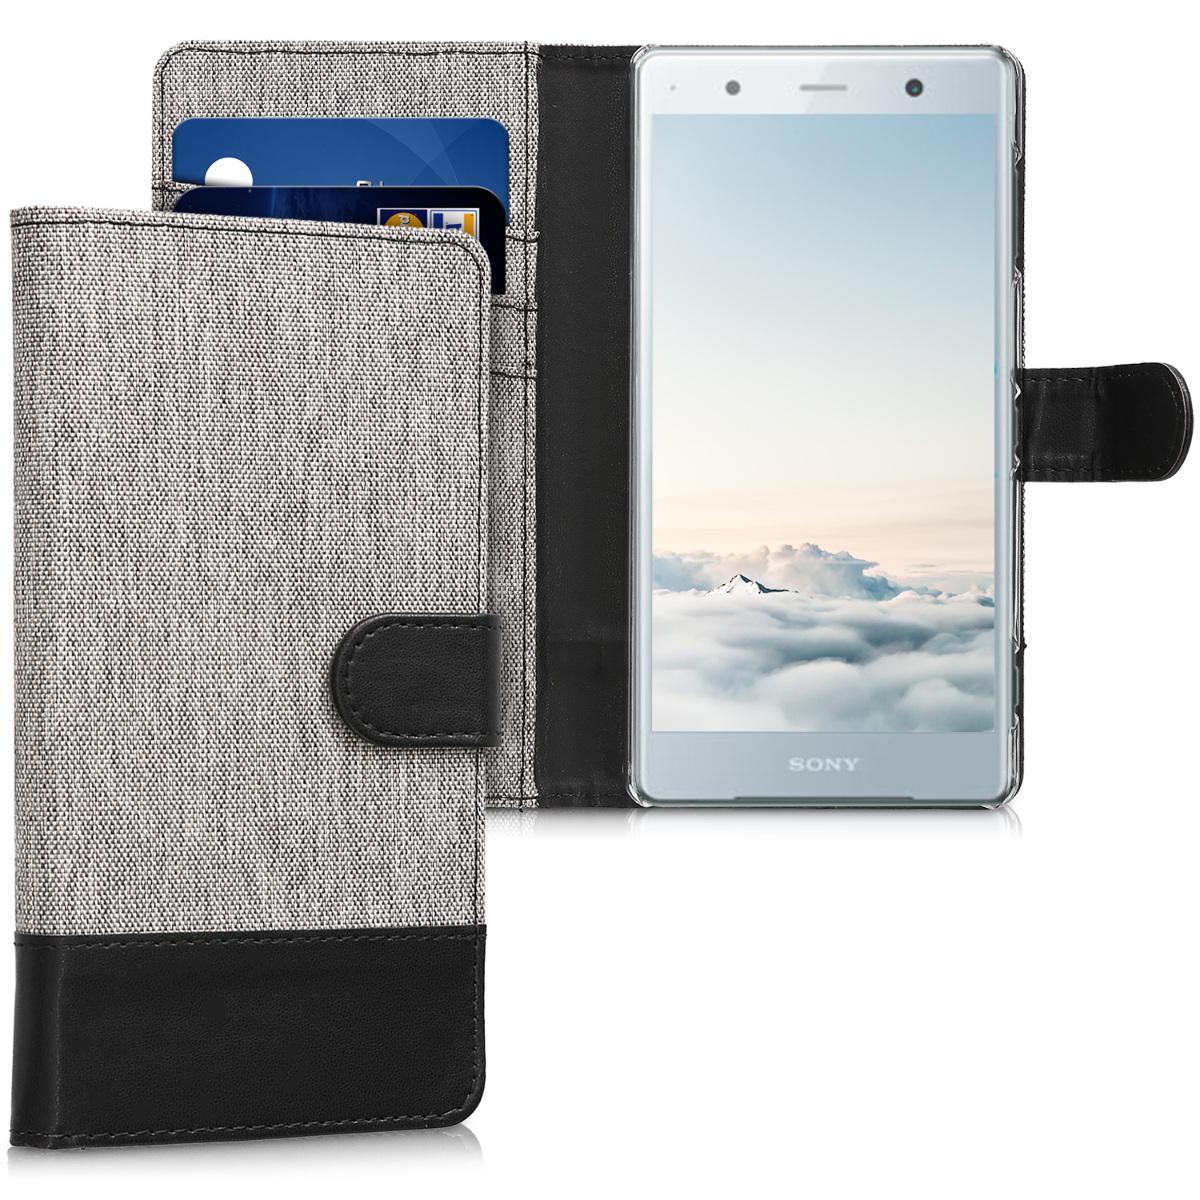 Textilní látkové pouzdro | obal pro Sony Xperia XZ2 Premium - šedé/ černé